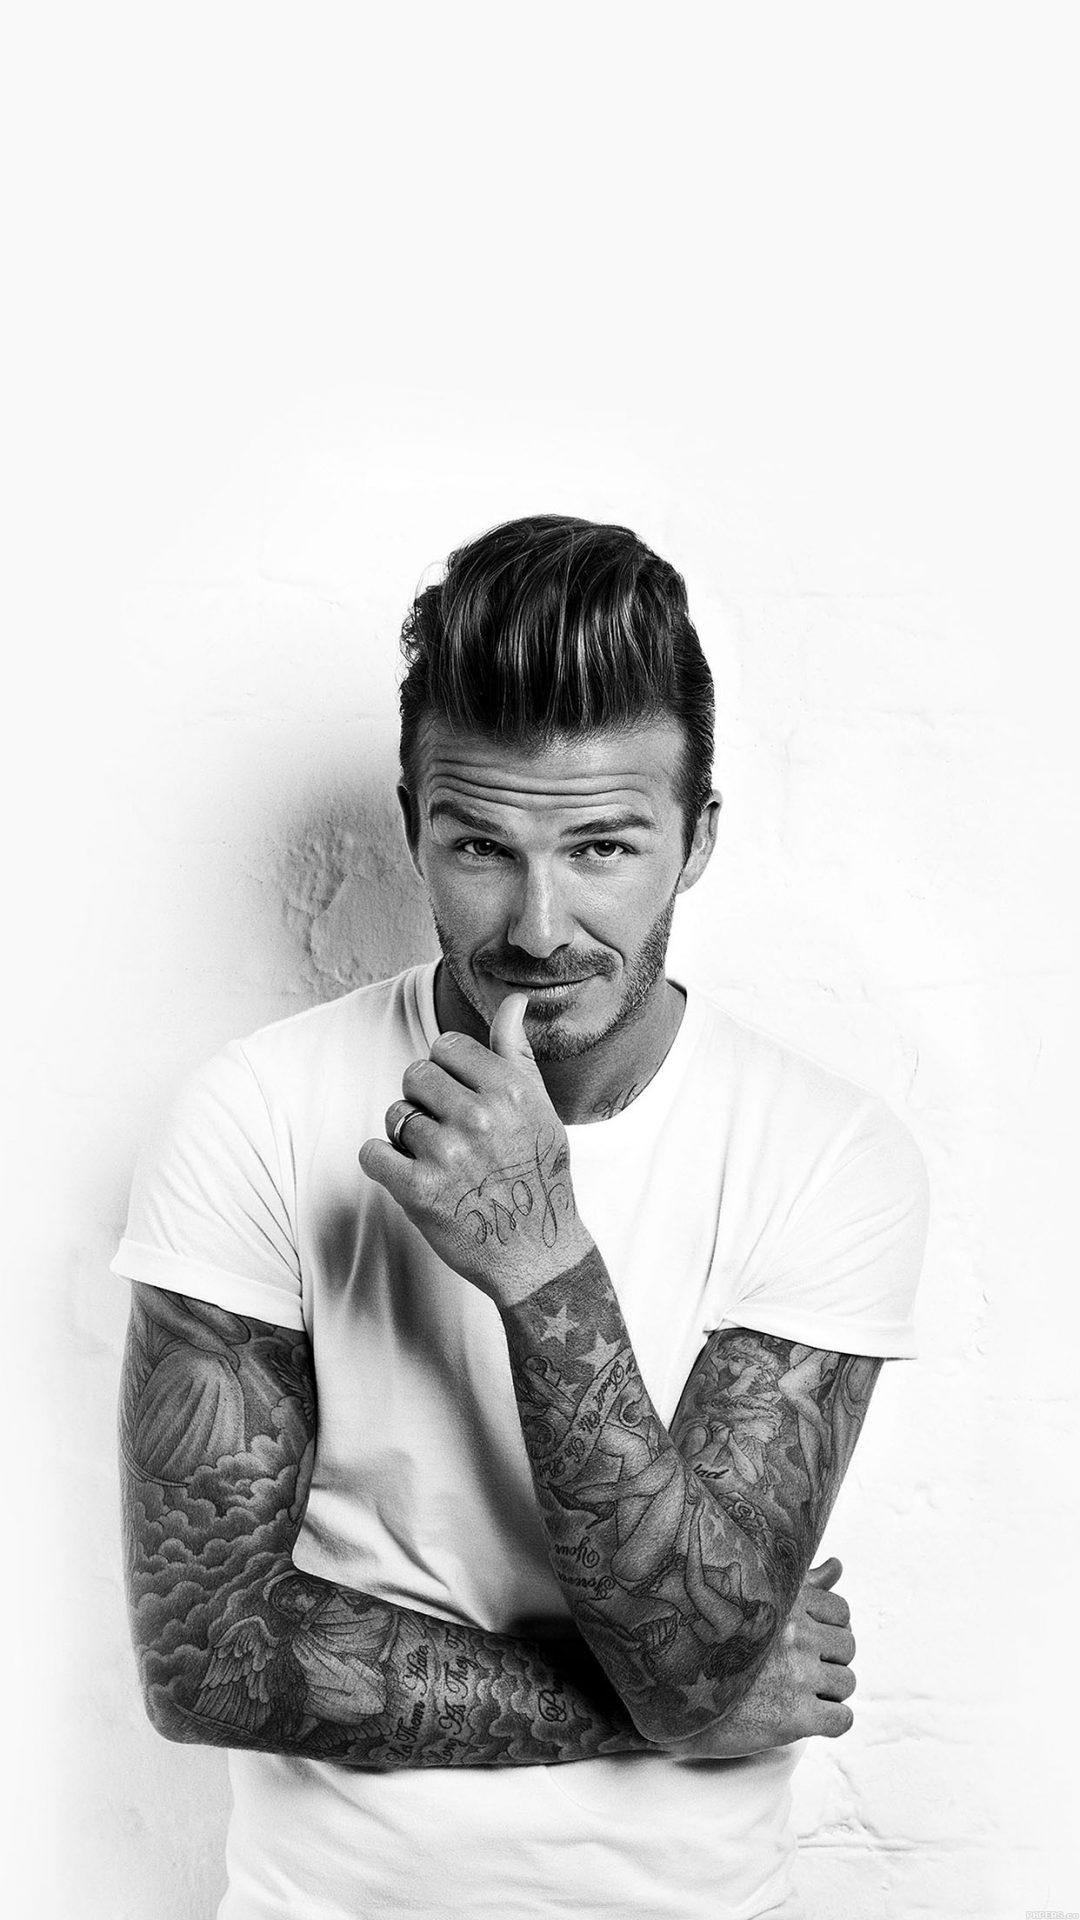 Wallpaper David Beckham Sports Face